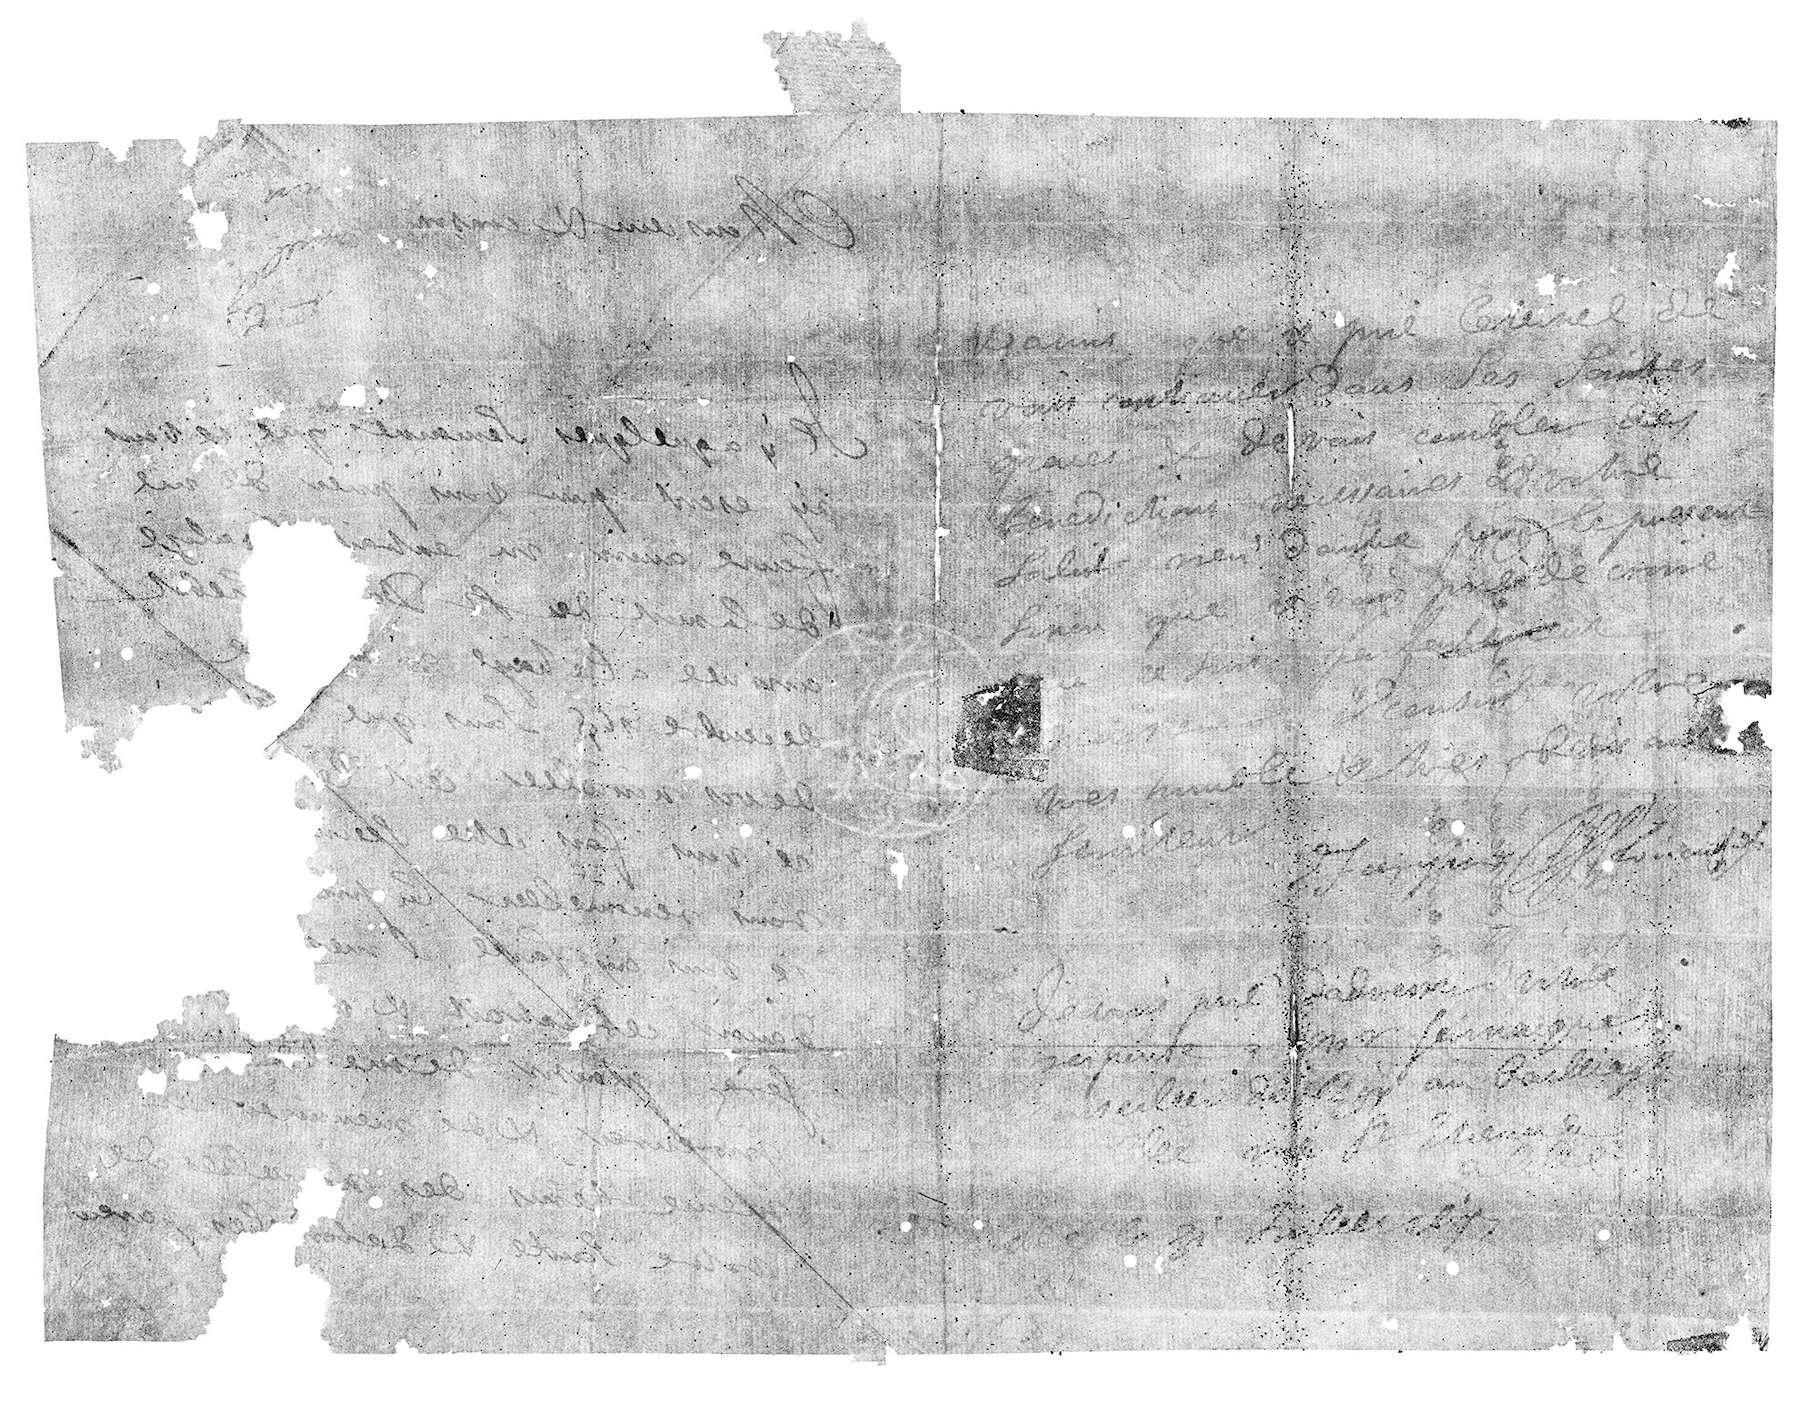 Cette lettre scellée datant de 1697 a été virtuellement ouverte grâce à une technique développée par des chercheurs. © Unlocking History Research Group